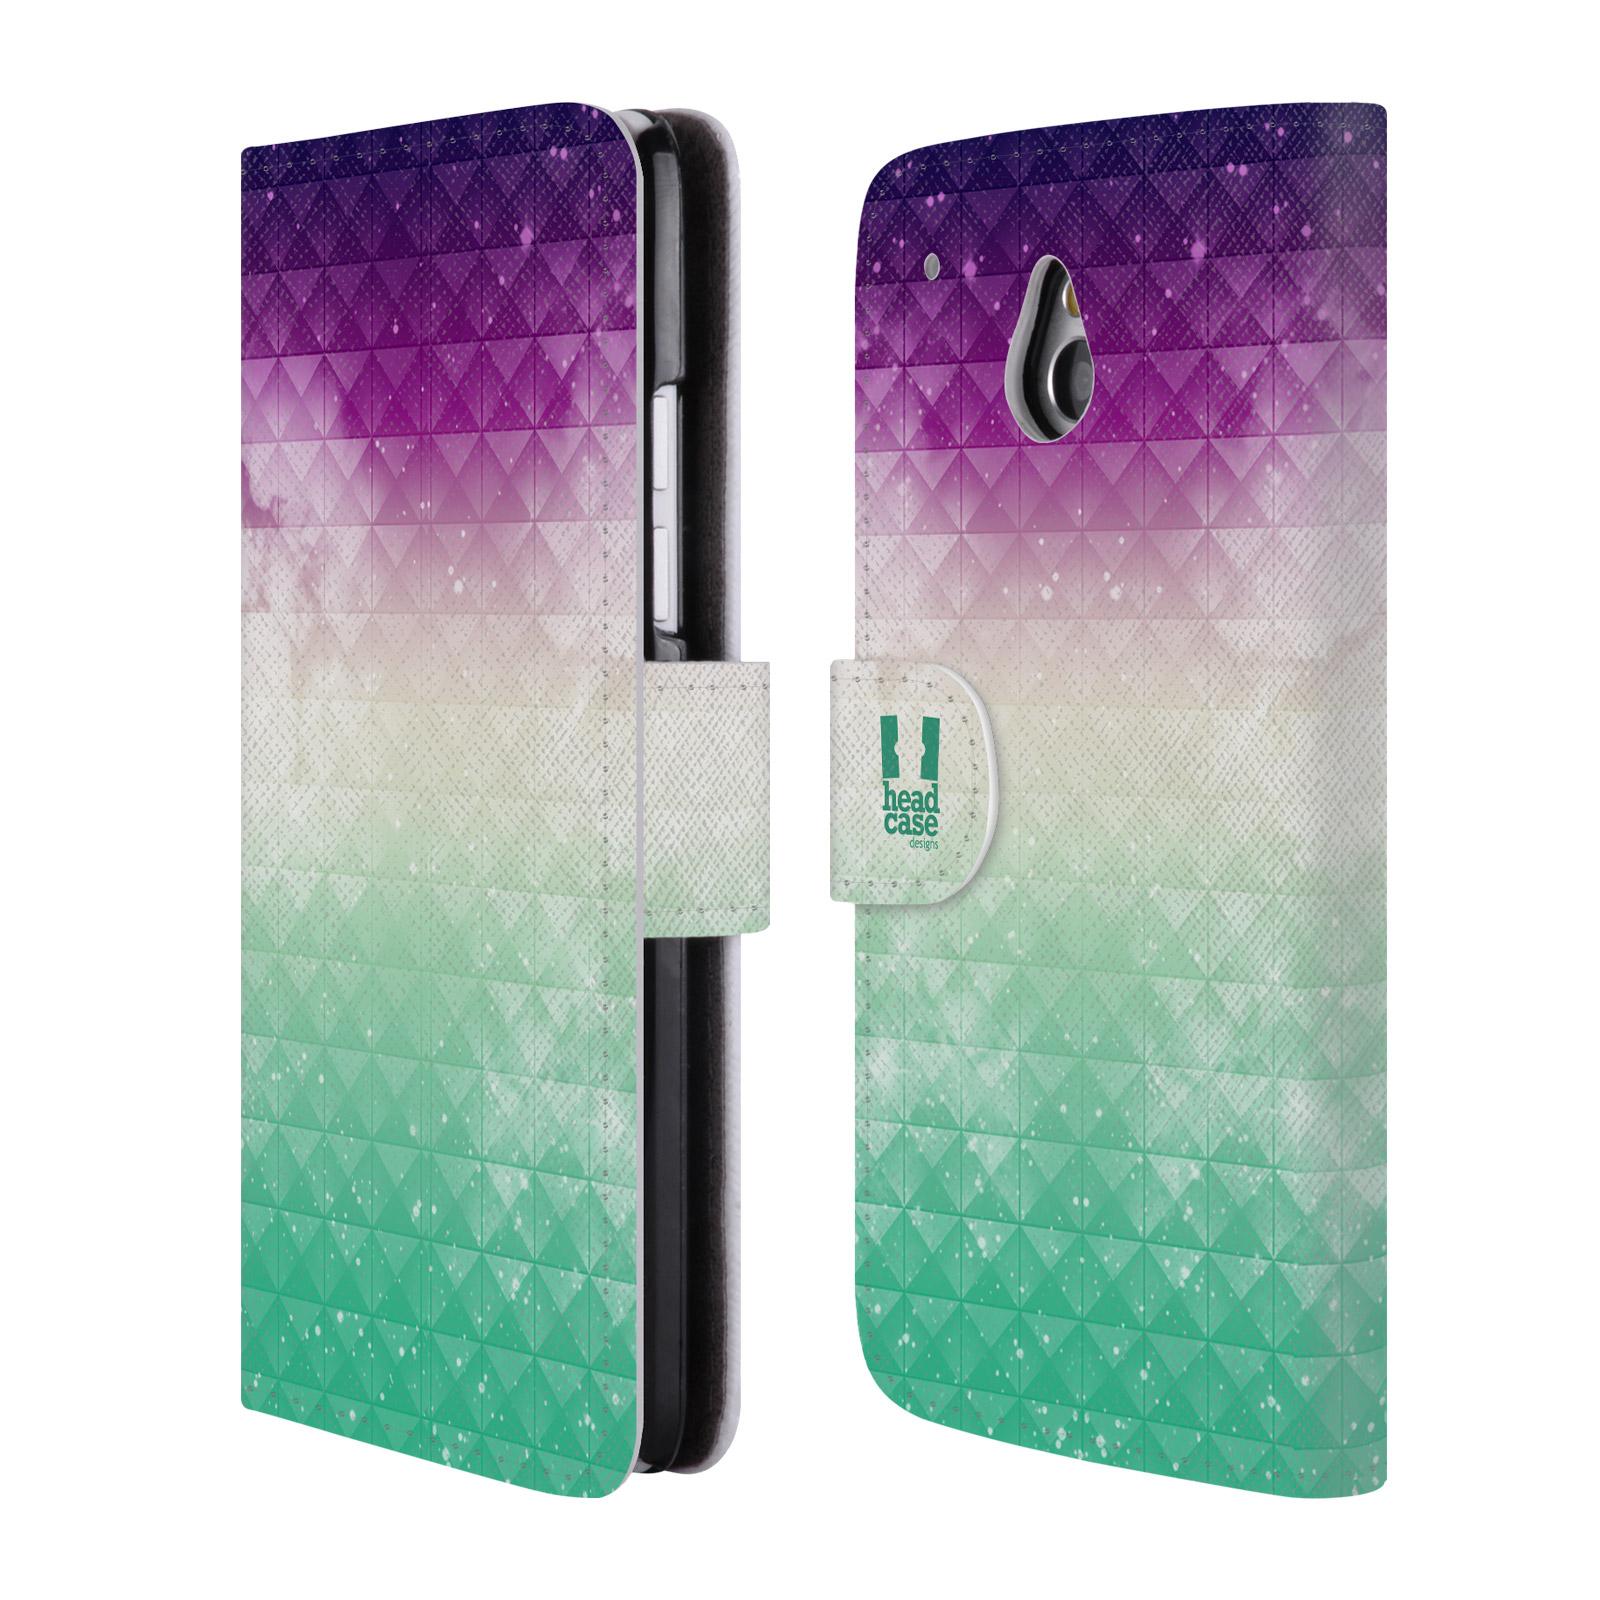 HEAD CASE Flipové pouzdro pro mobil HTC ONE MINI (M4) barevná vesmírná mlhovina fialová a zelená